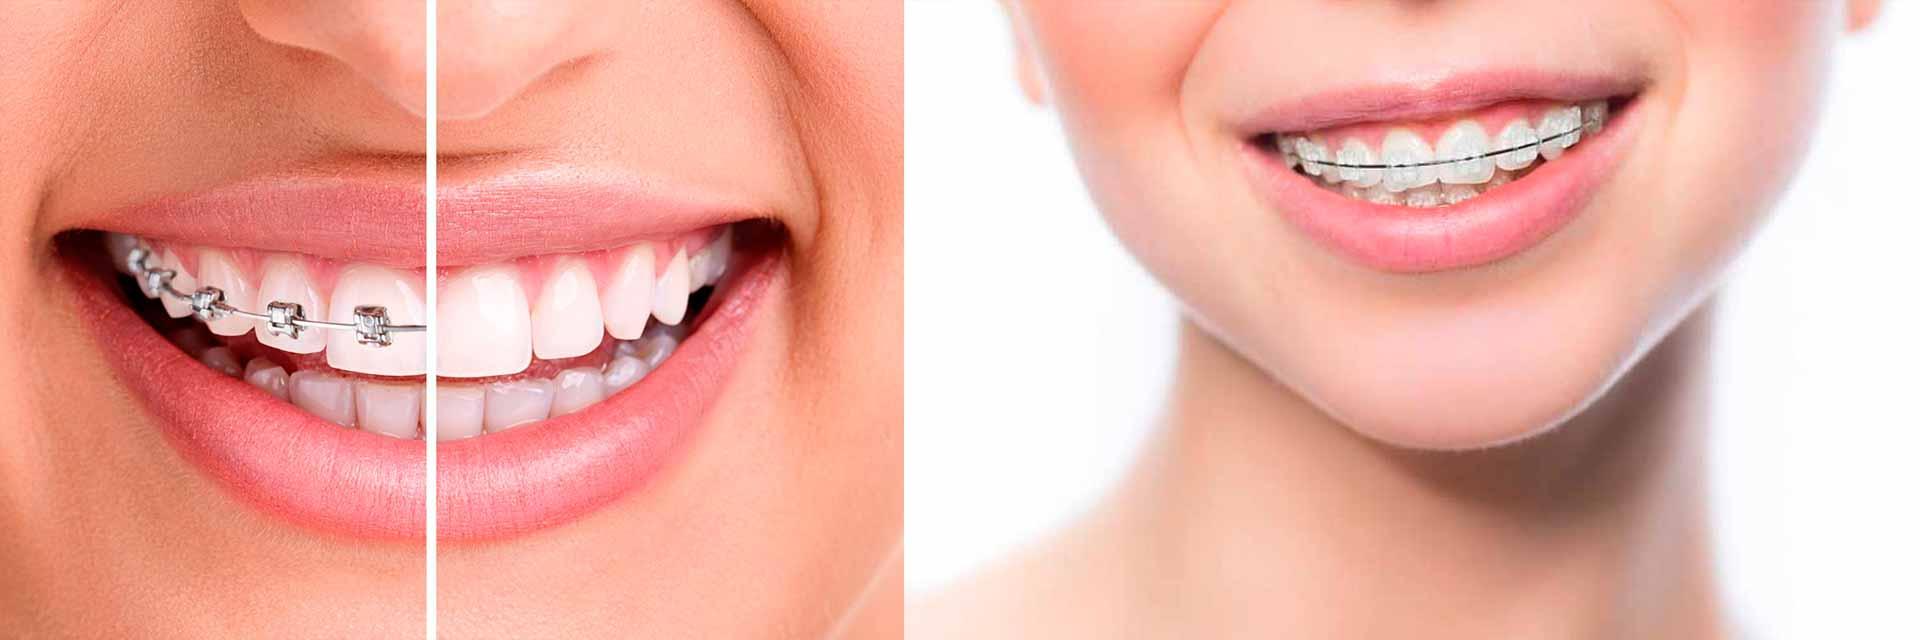 ortodonzia-tradizionale2